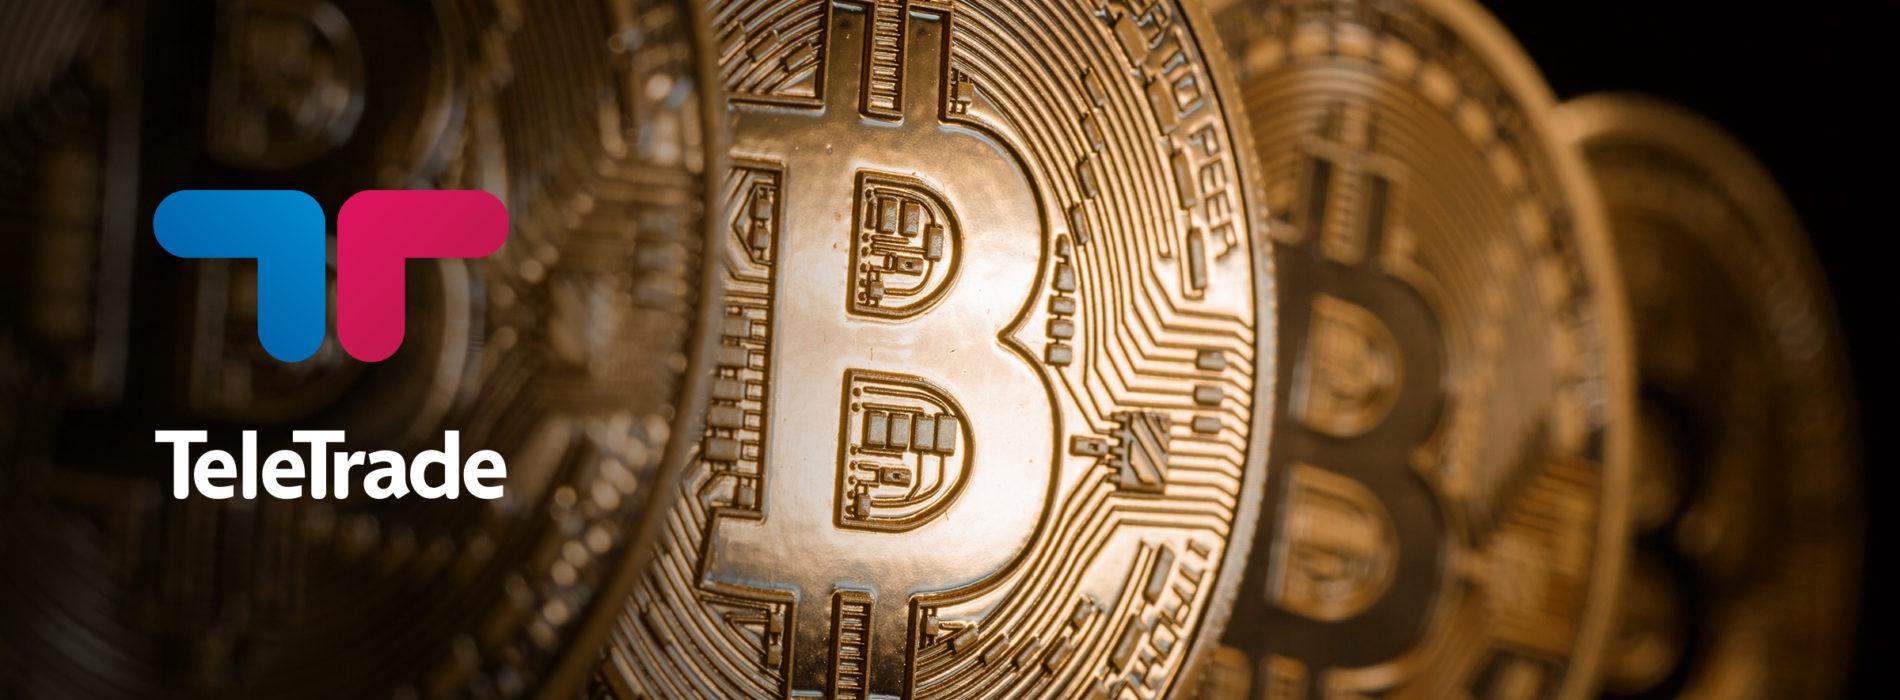 Bitcoin – nowe perspektywy inwestowania. Opinie specjalisty od kontraktów CFD na BTC TeleTrade – Zbigniew Grutkowski